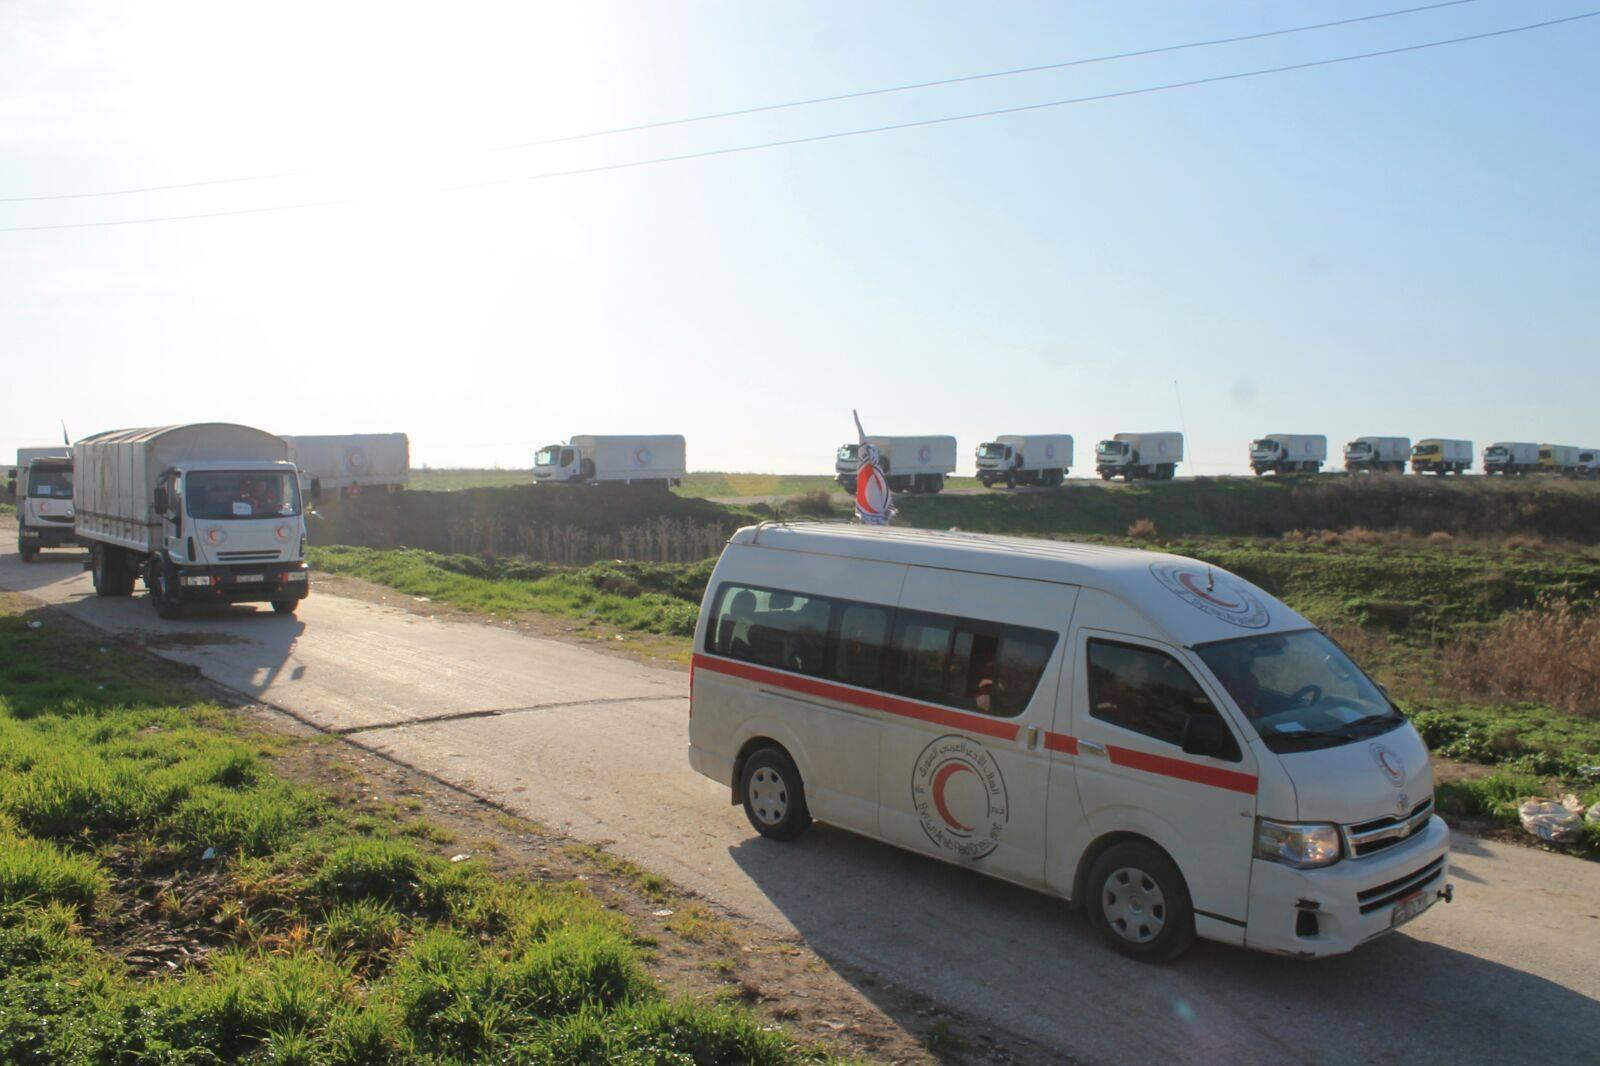 بالتزامن مع دخول المساعدات إلى مضايا، دخلت قافلة من الشاحنات إلى كفريا والفوعة